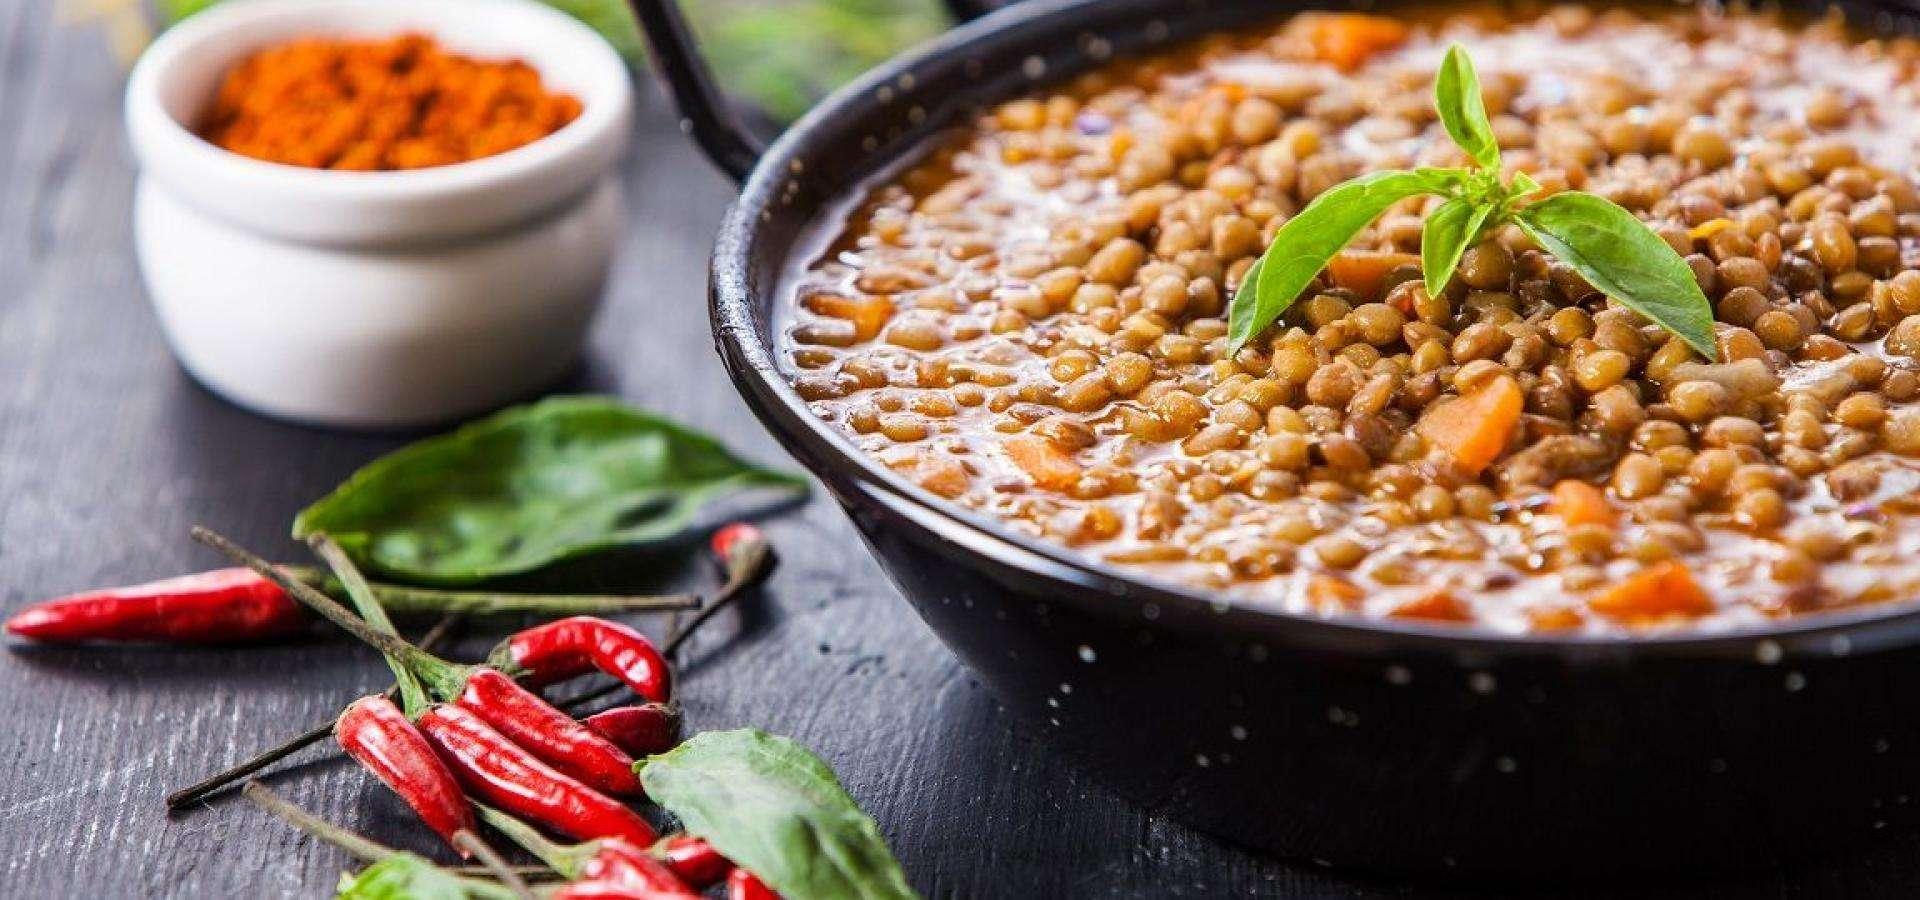 Braised lentils recipe